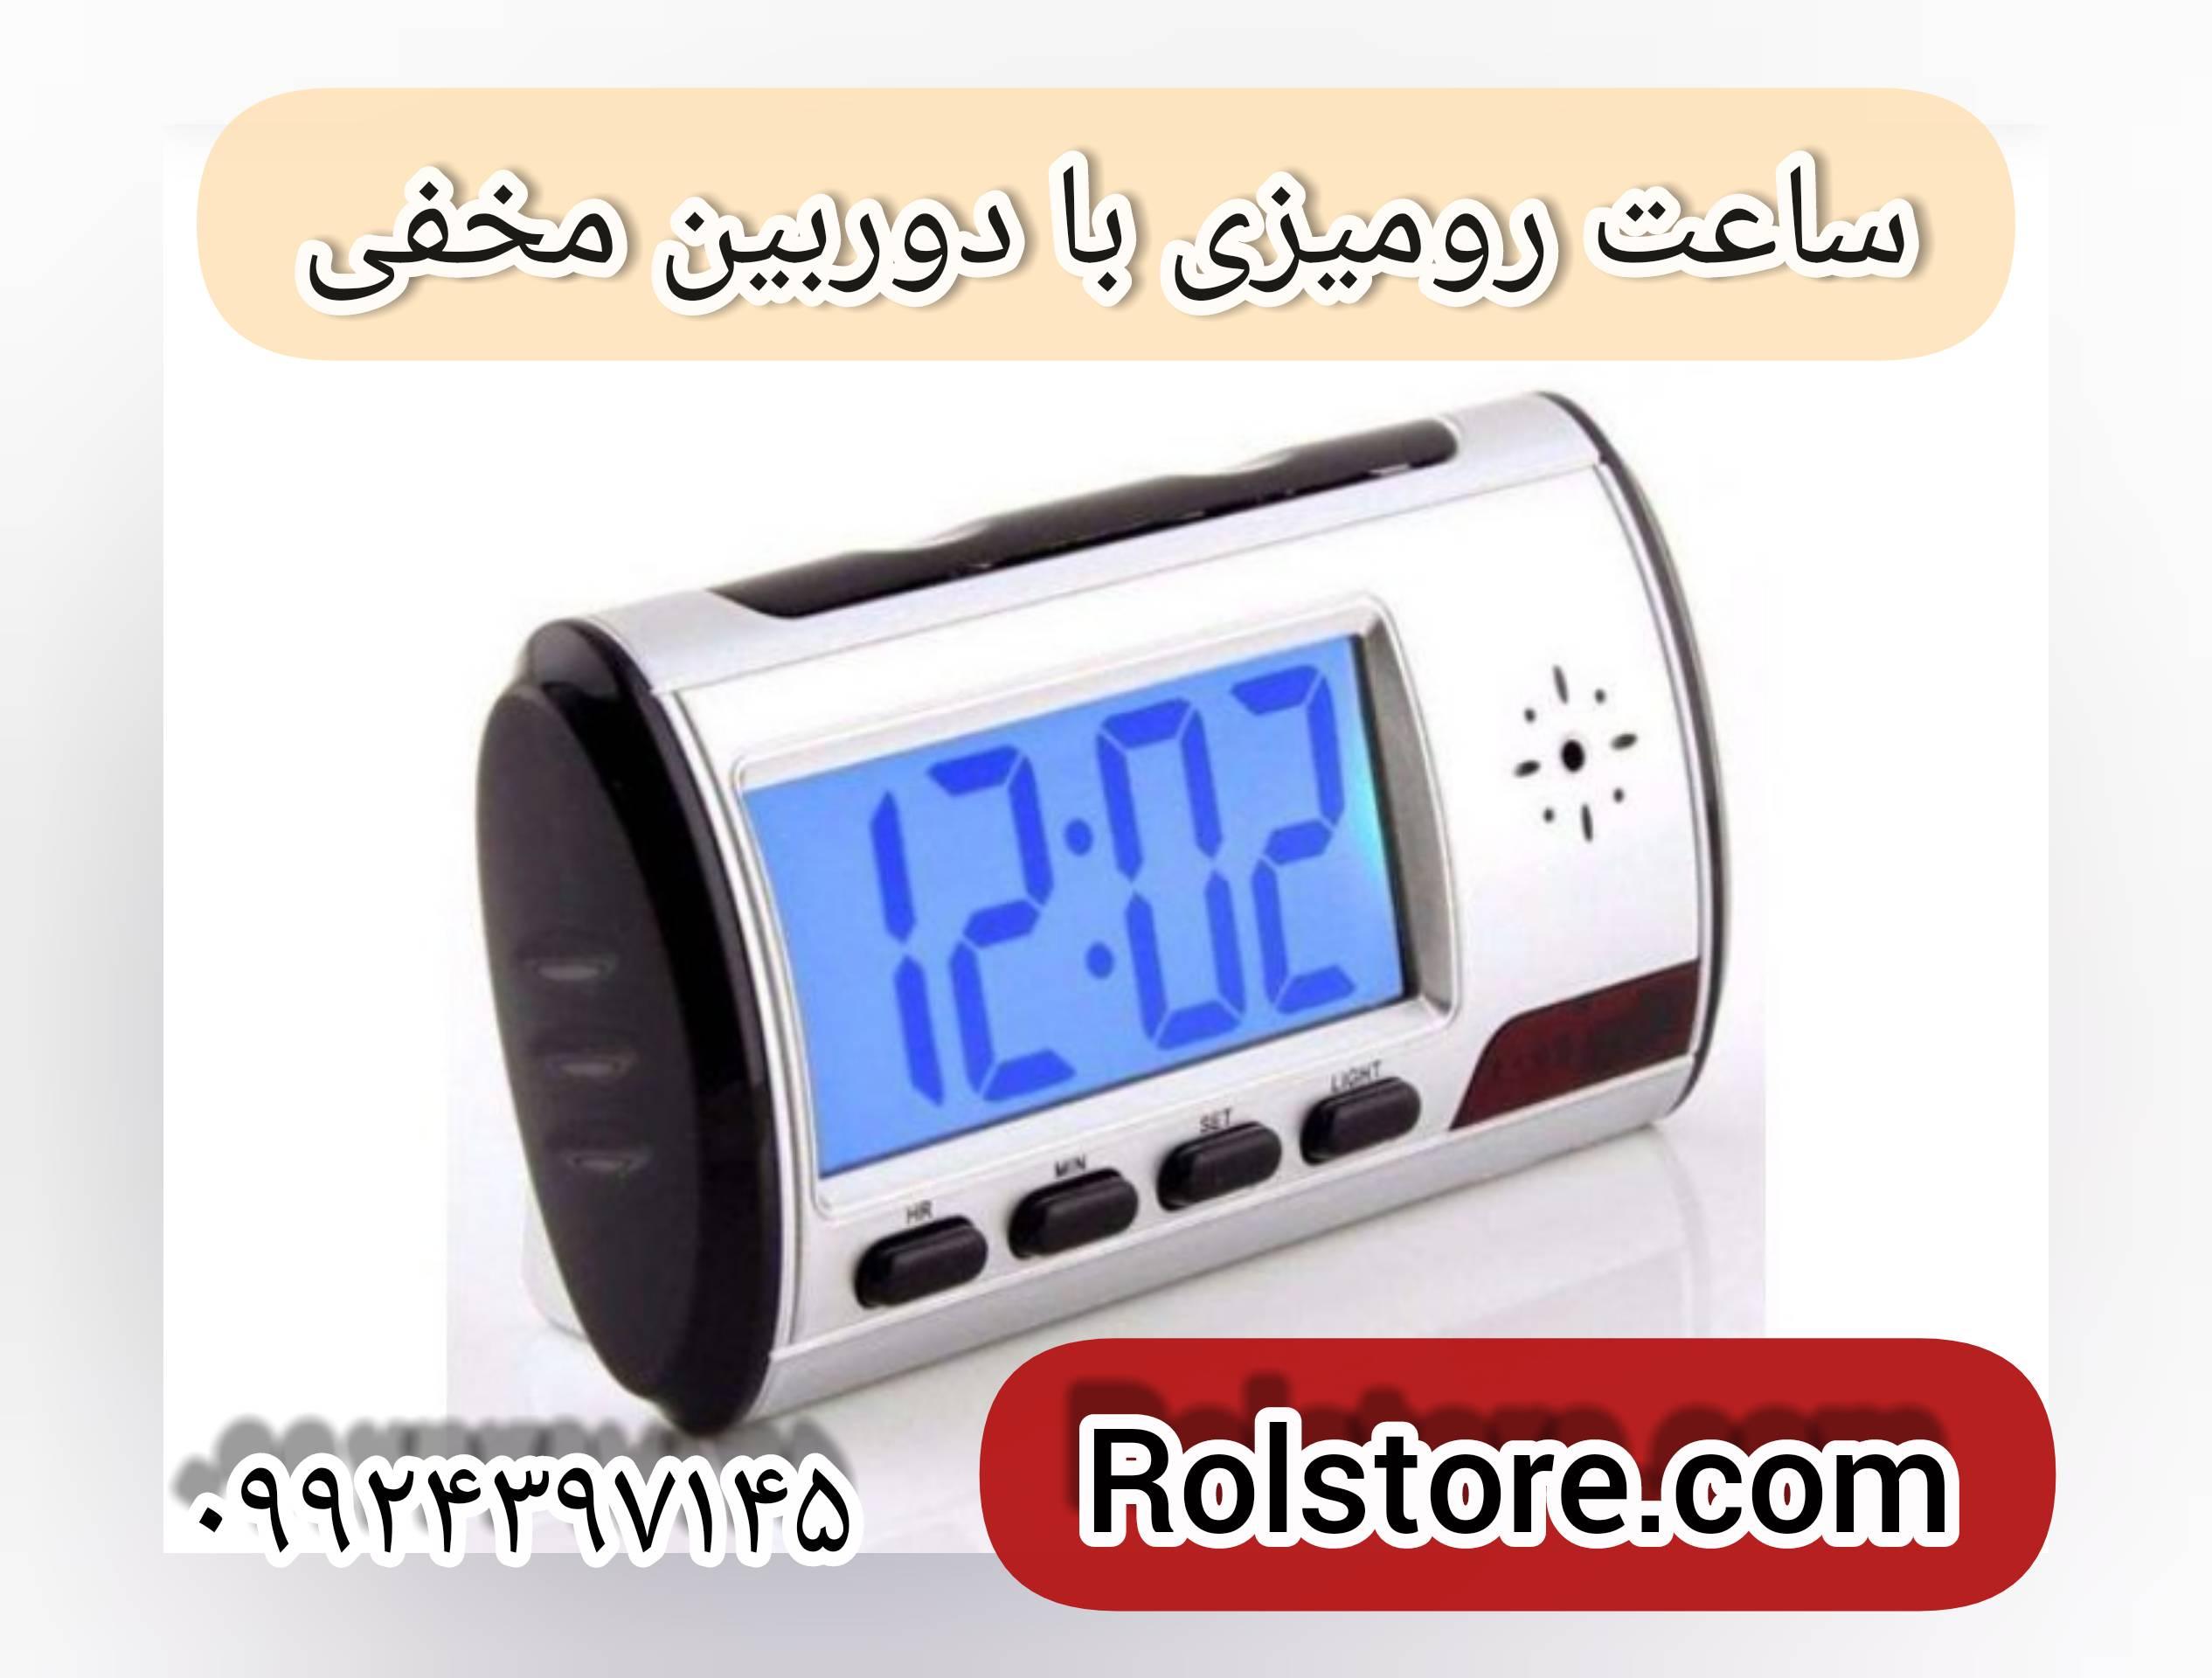 ساعت رومیزی با دوربین مخفی/۰۹۹۲۴۳۹۷۱۴۵/ساعت دیجیتال رومیزی دوربین دار